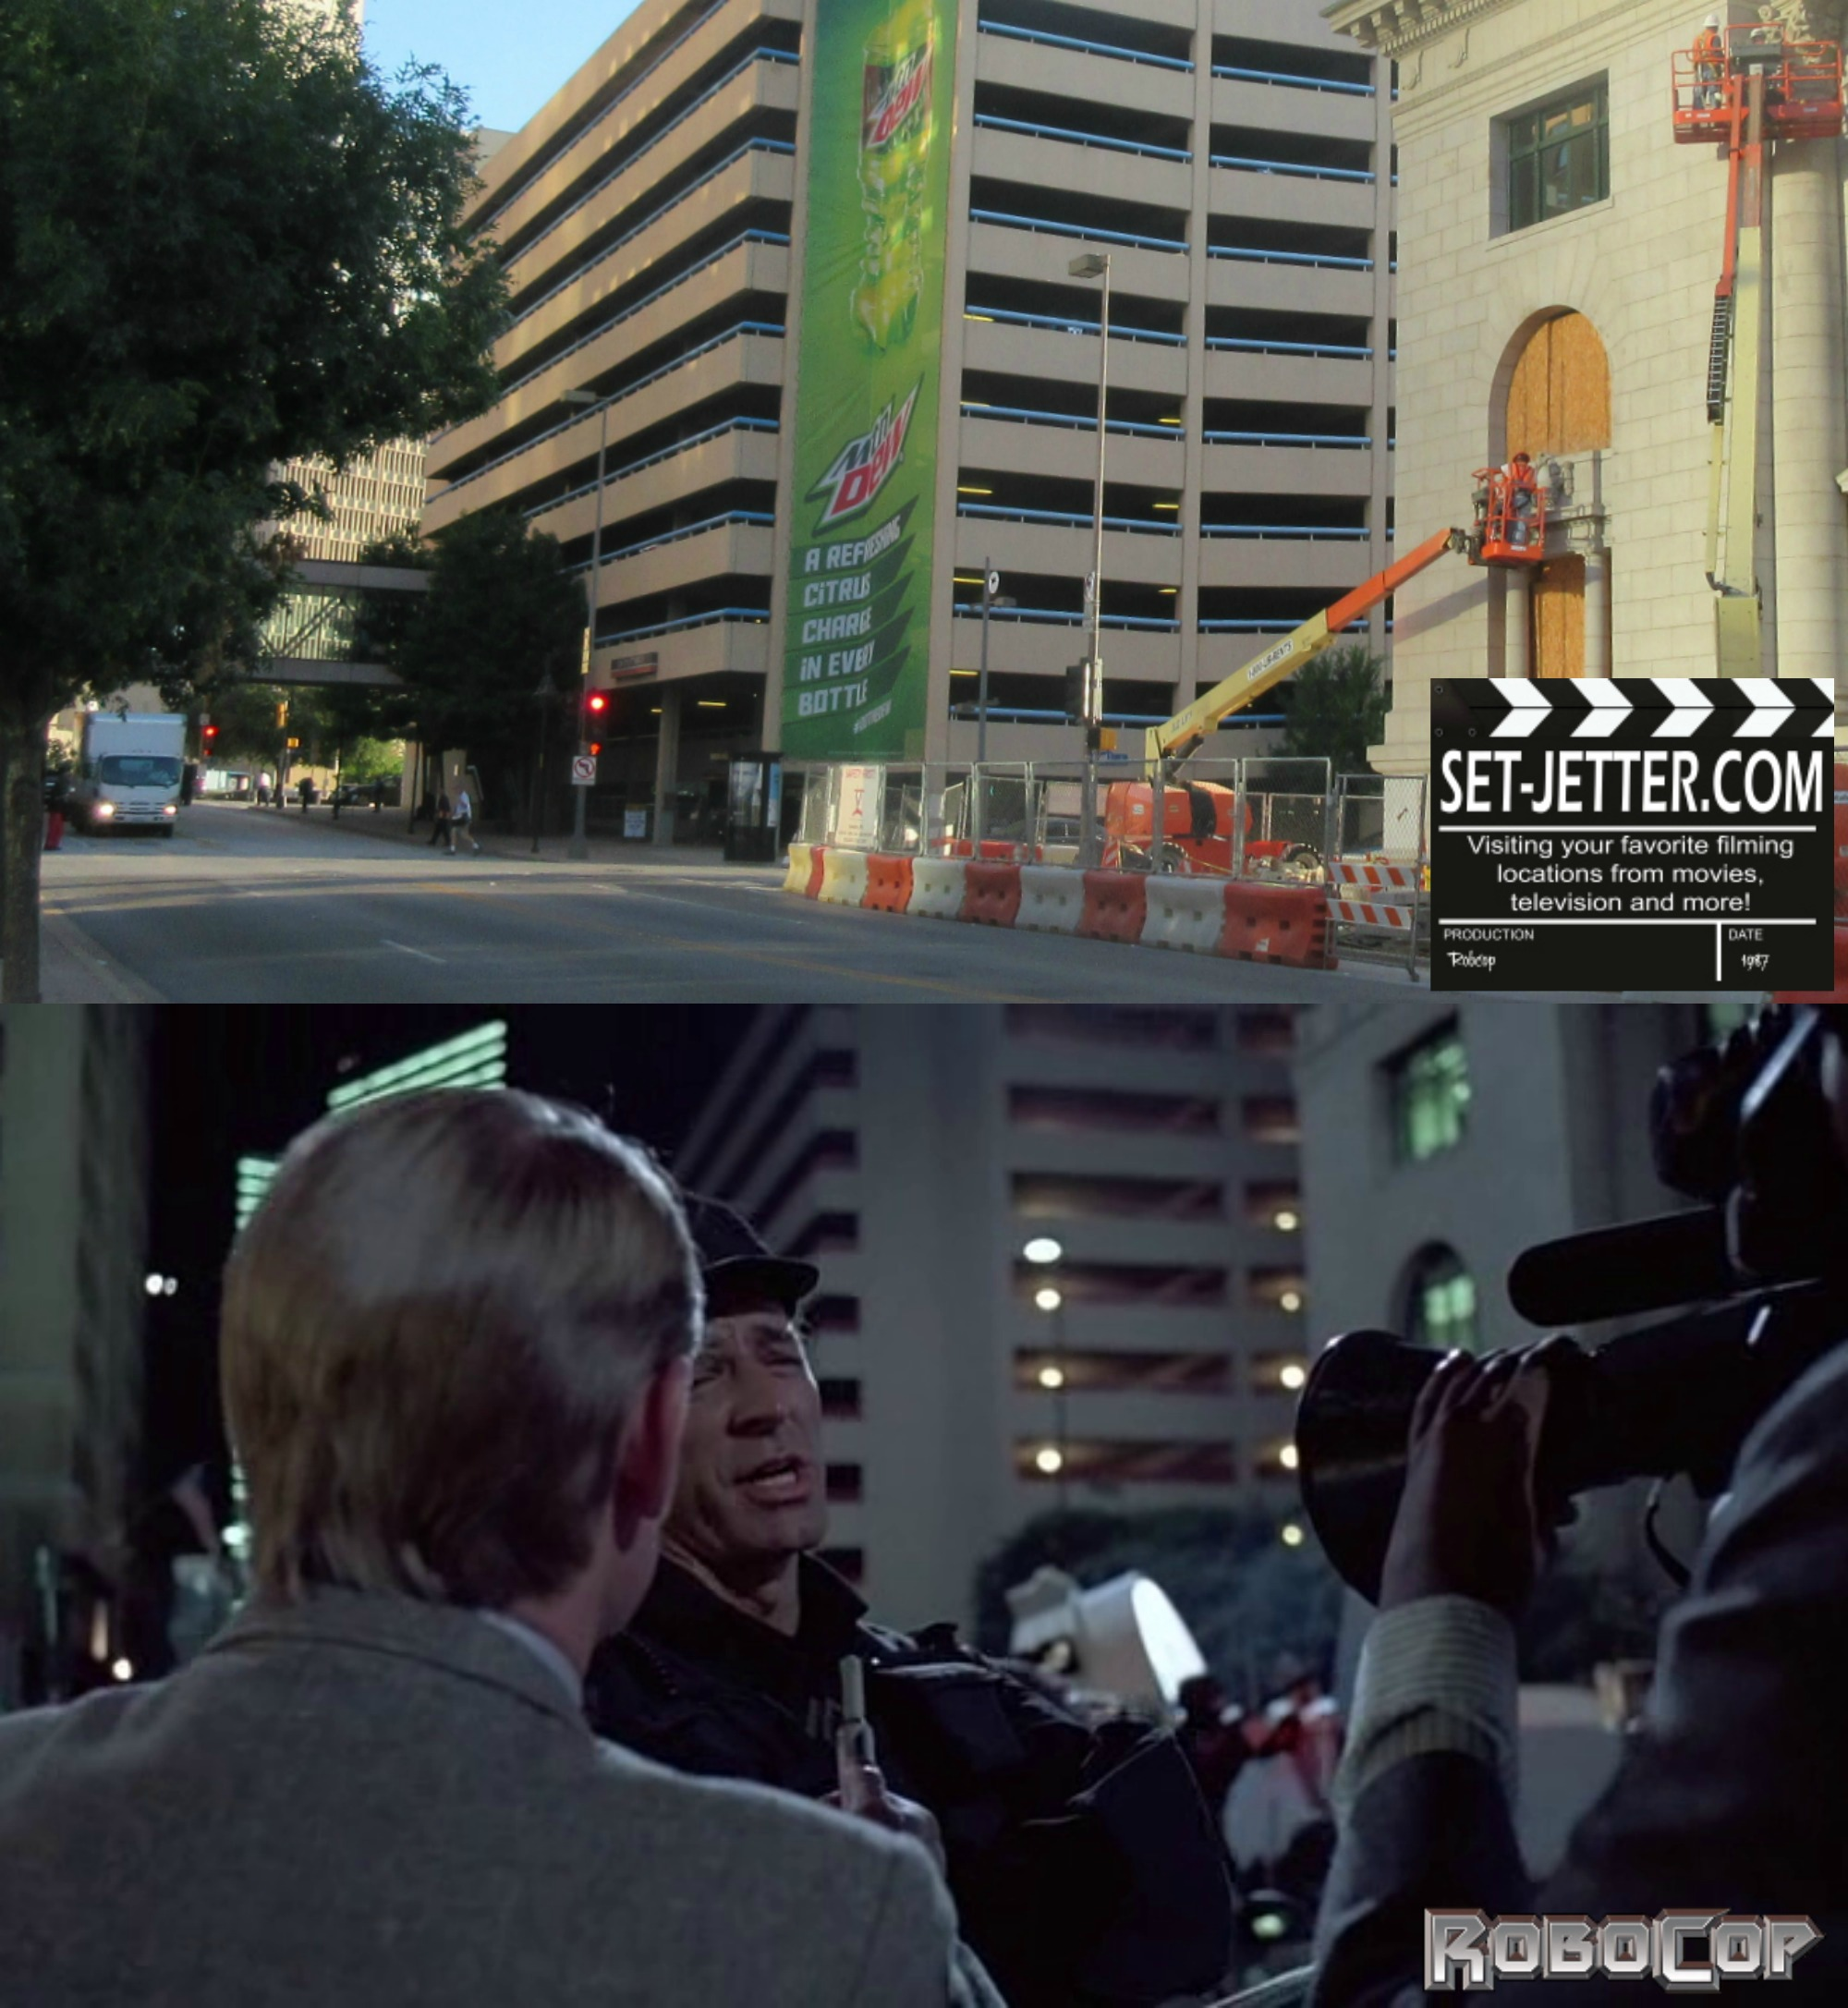 Robocop comparison 79.jpg